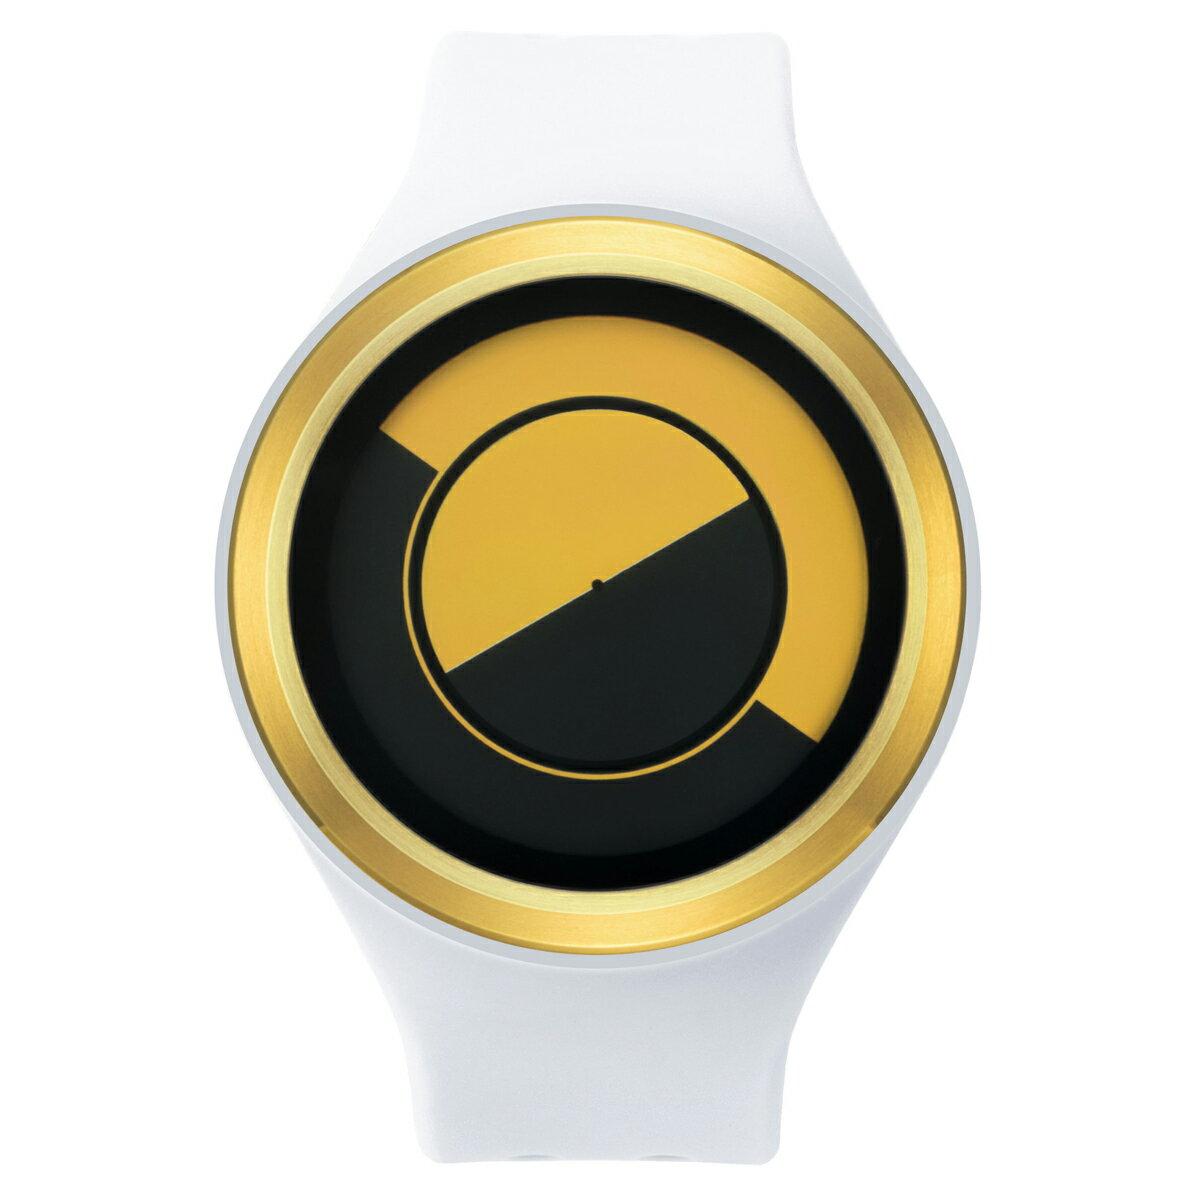 ZEROO QUARTER MOON ゼロ 電池式クォーツ 腕時計 [W01004B04SR01] ホワイト デザインウォッチ ペア用 メンズ レディース ユニセックス おしゃれ時計 デザイナーズ